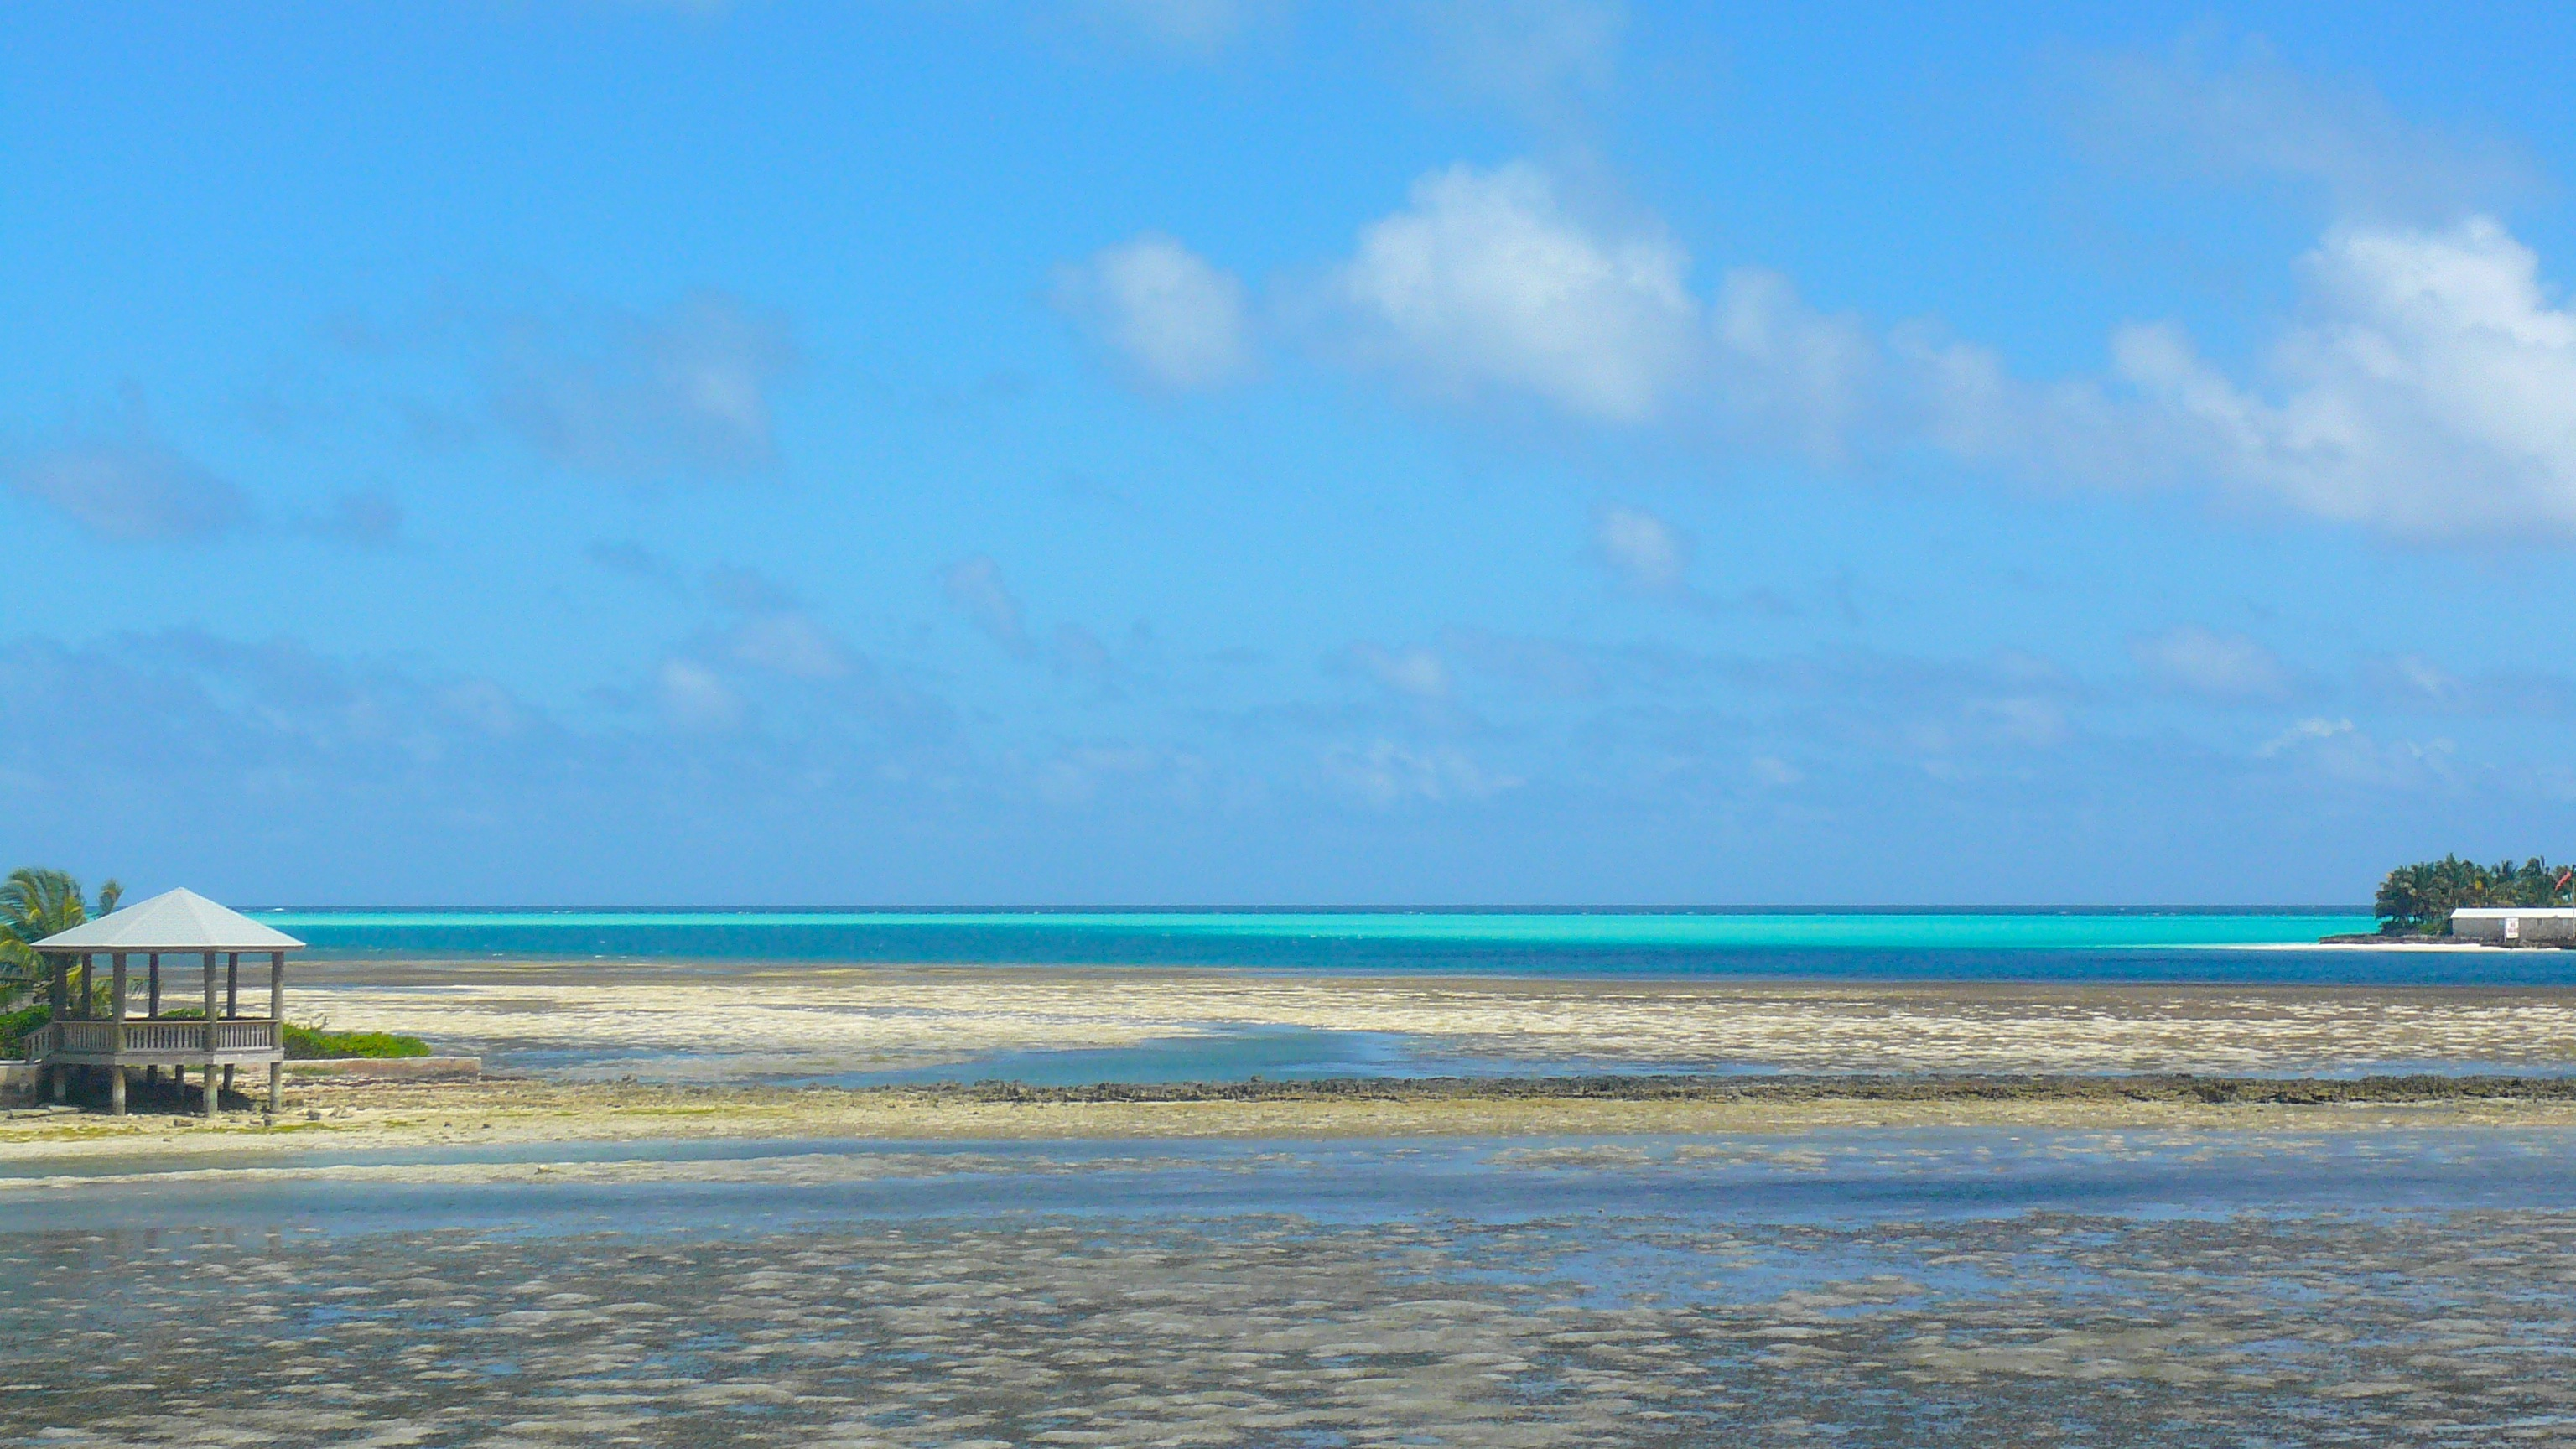 Célèbre Bahamas: Harbour Island et ses plages de sable rose | ValiseFraise ZZ41